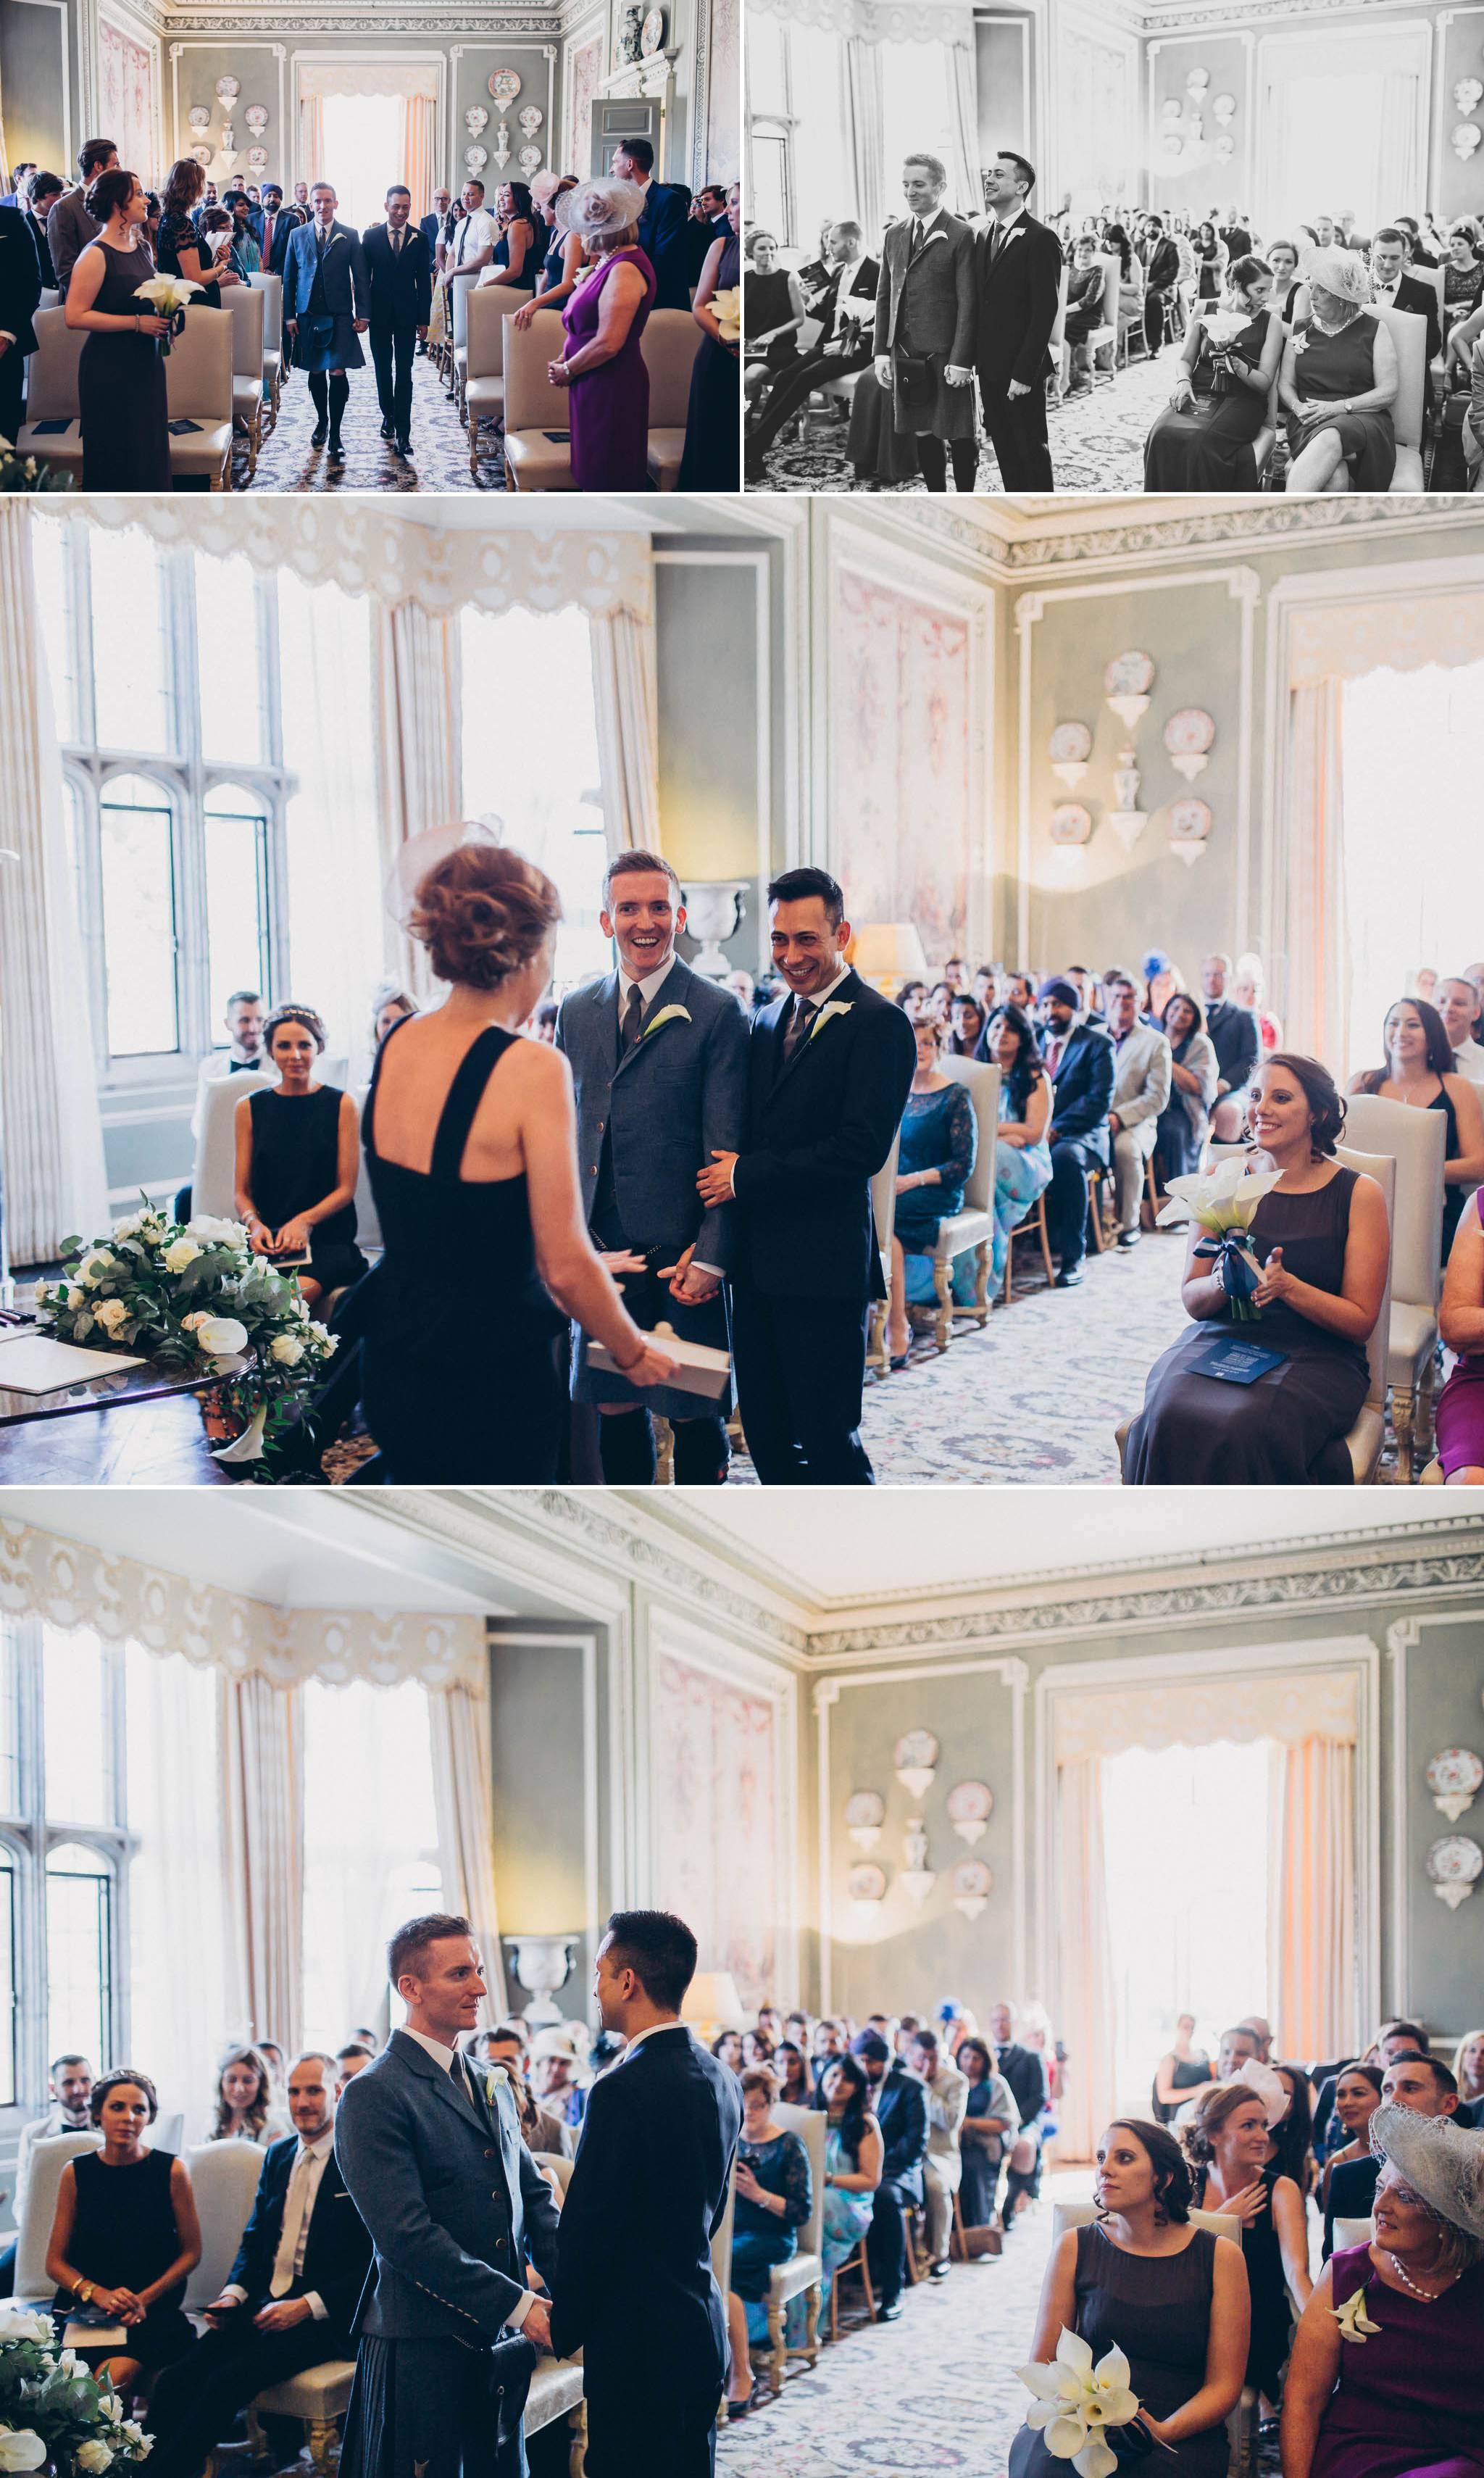 leeds-castle-wedding-photography 17.jpg